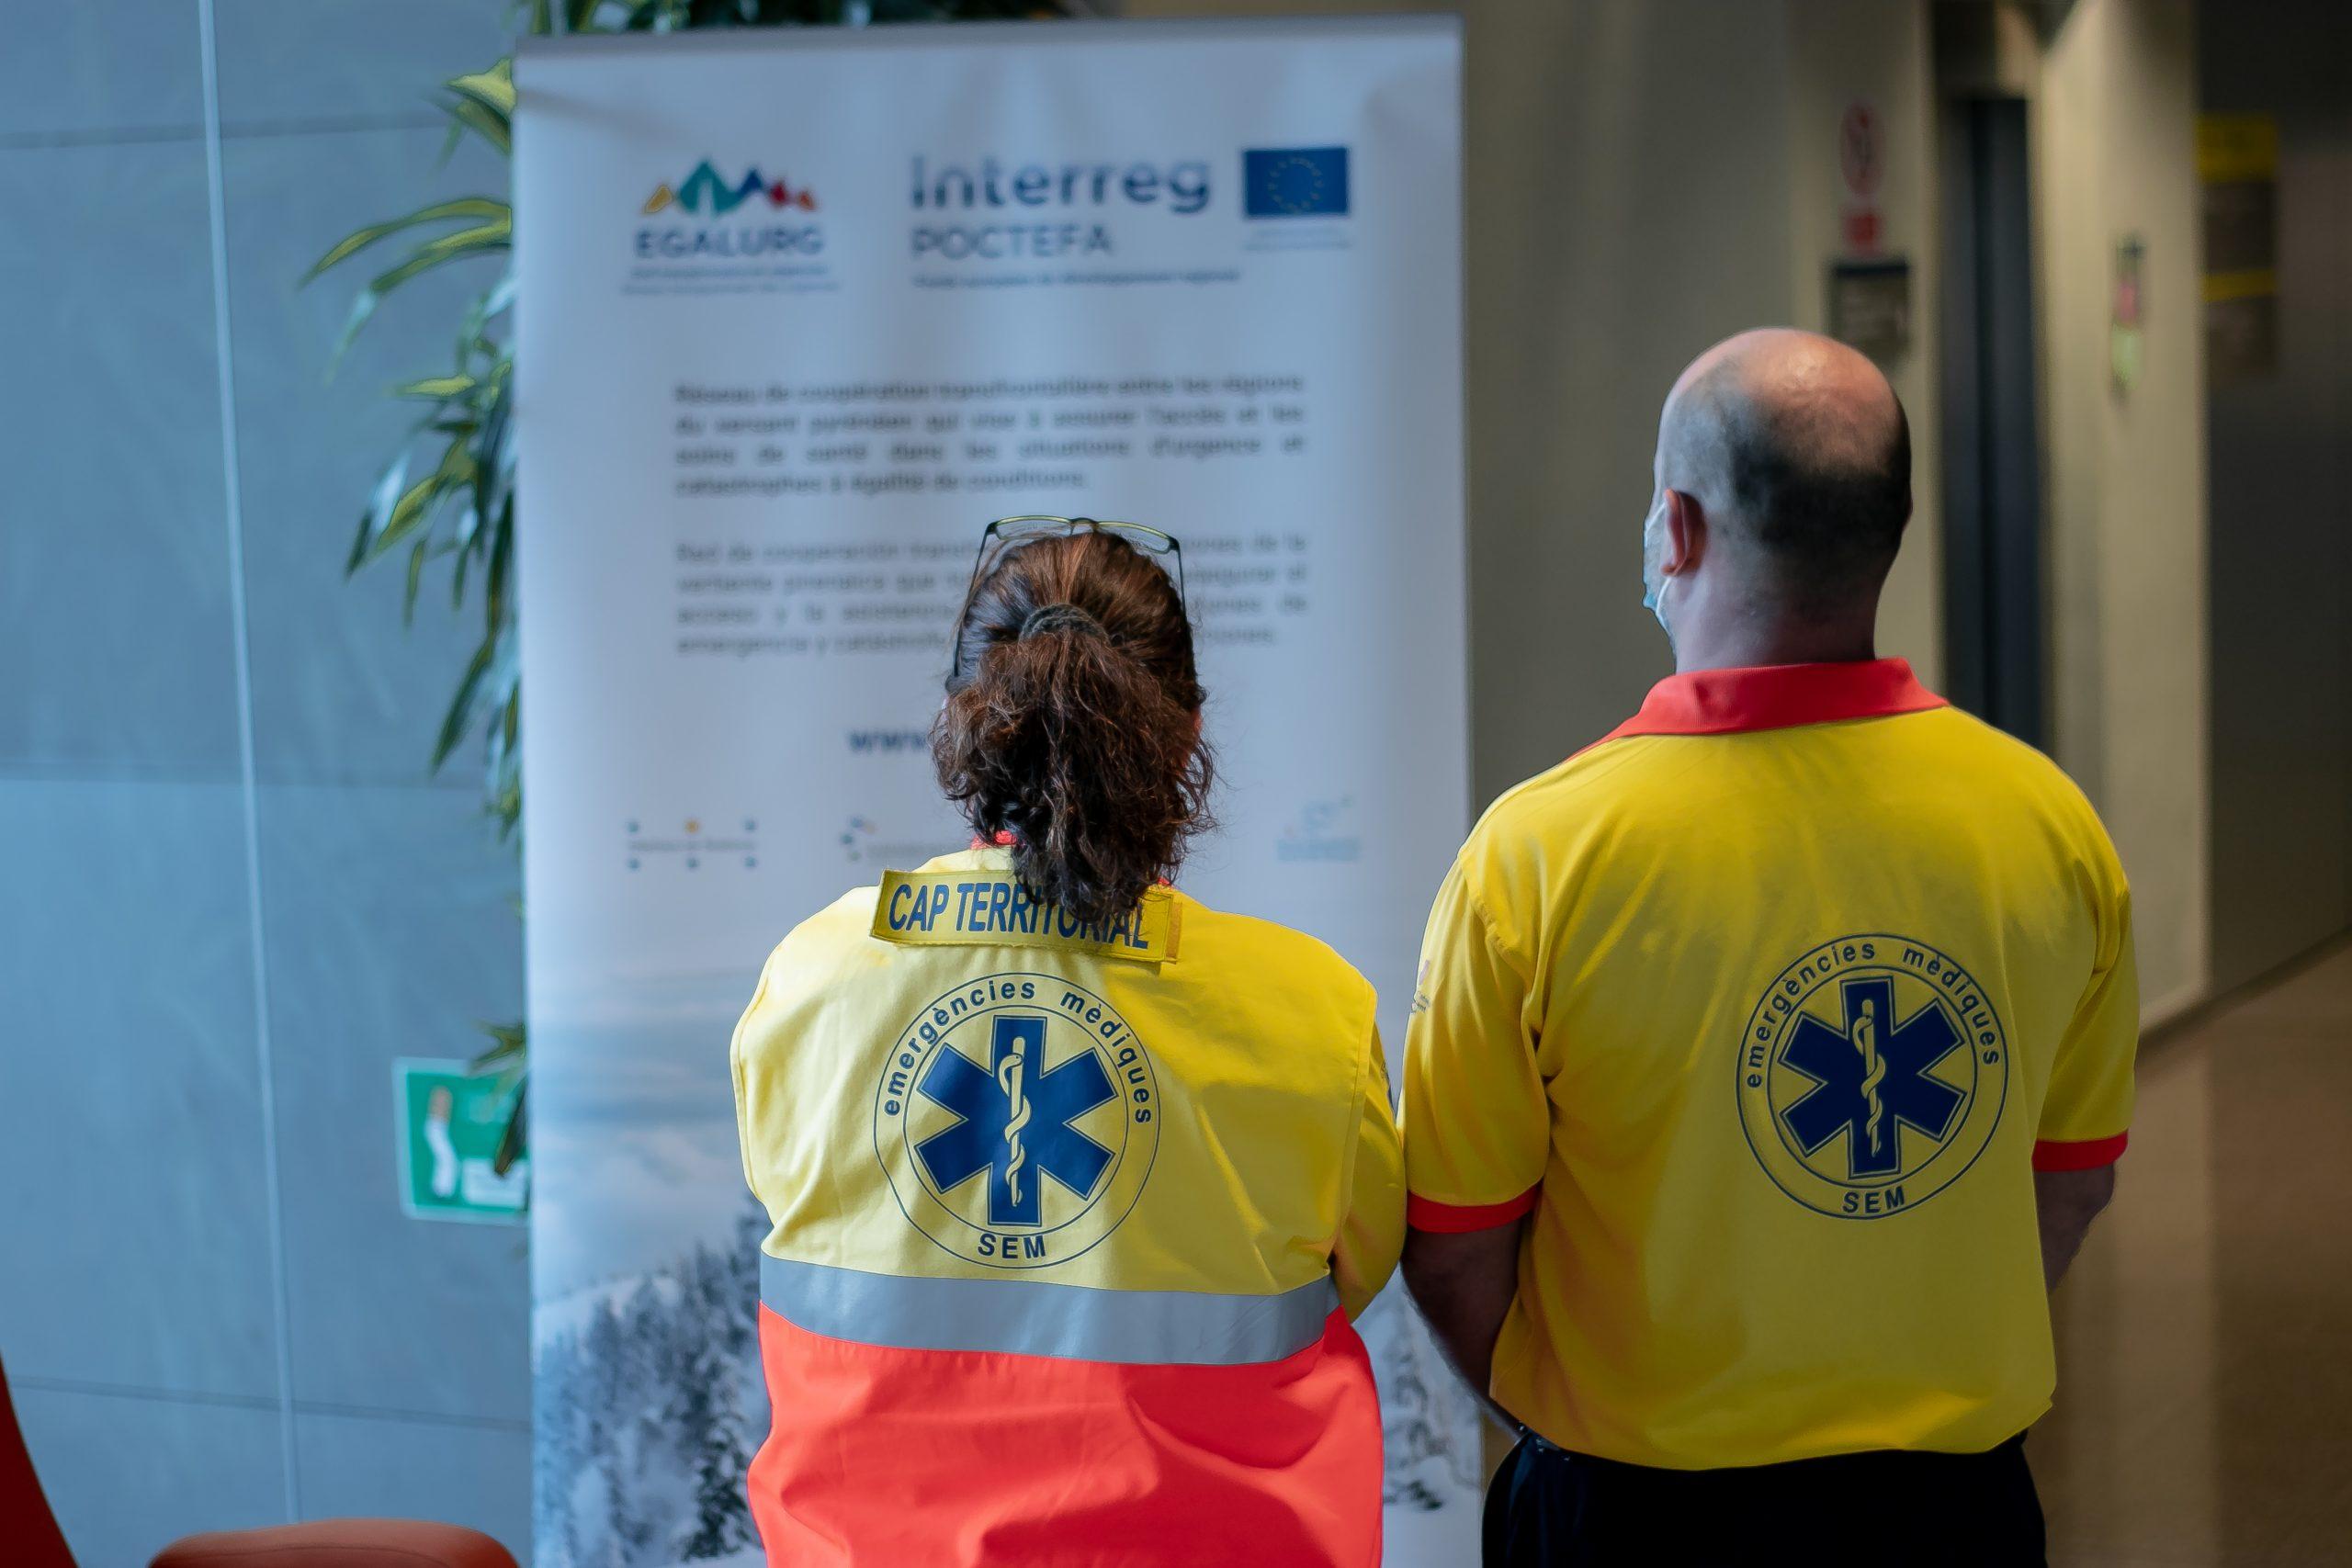 Le SEM promeut la création d'un répertoire transfrontalier de dispositifs médicalisés et un master spécialisé en gestion de crises sanitaires